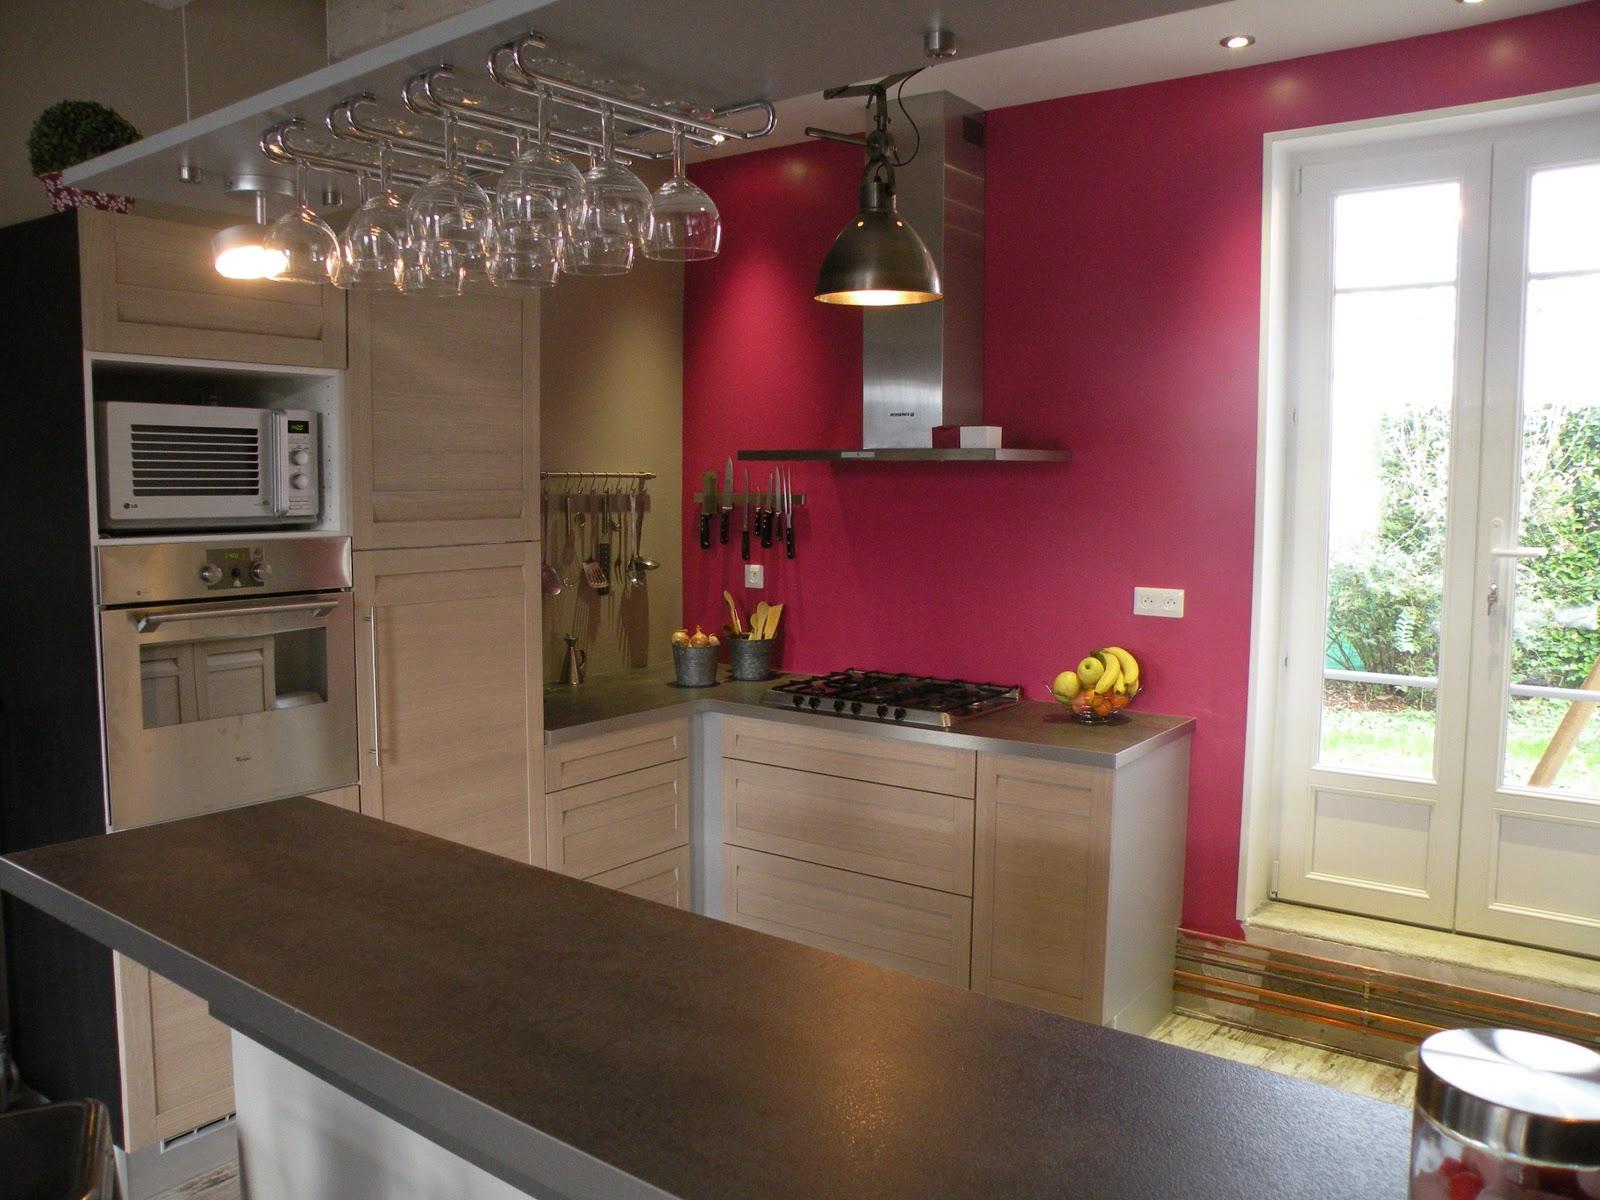 l 39 atelier des f es d coration cuisine nouveaux meubles nouveau sol nouvelles couleurs mur. Black Bedroom Furniture Sets. Home Design Ideas